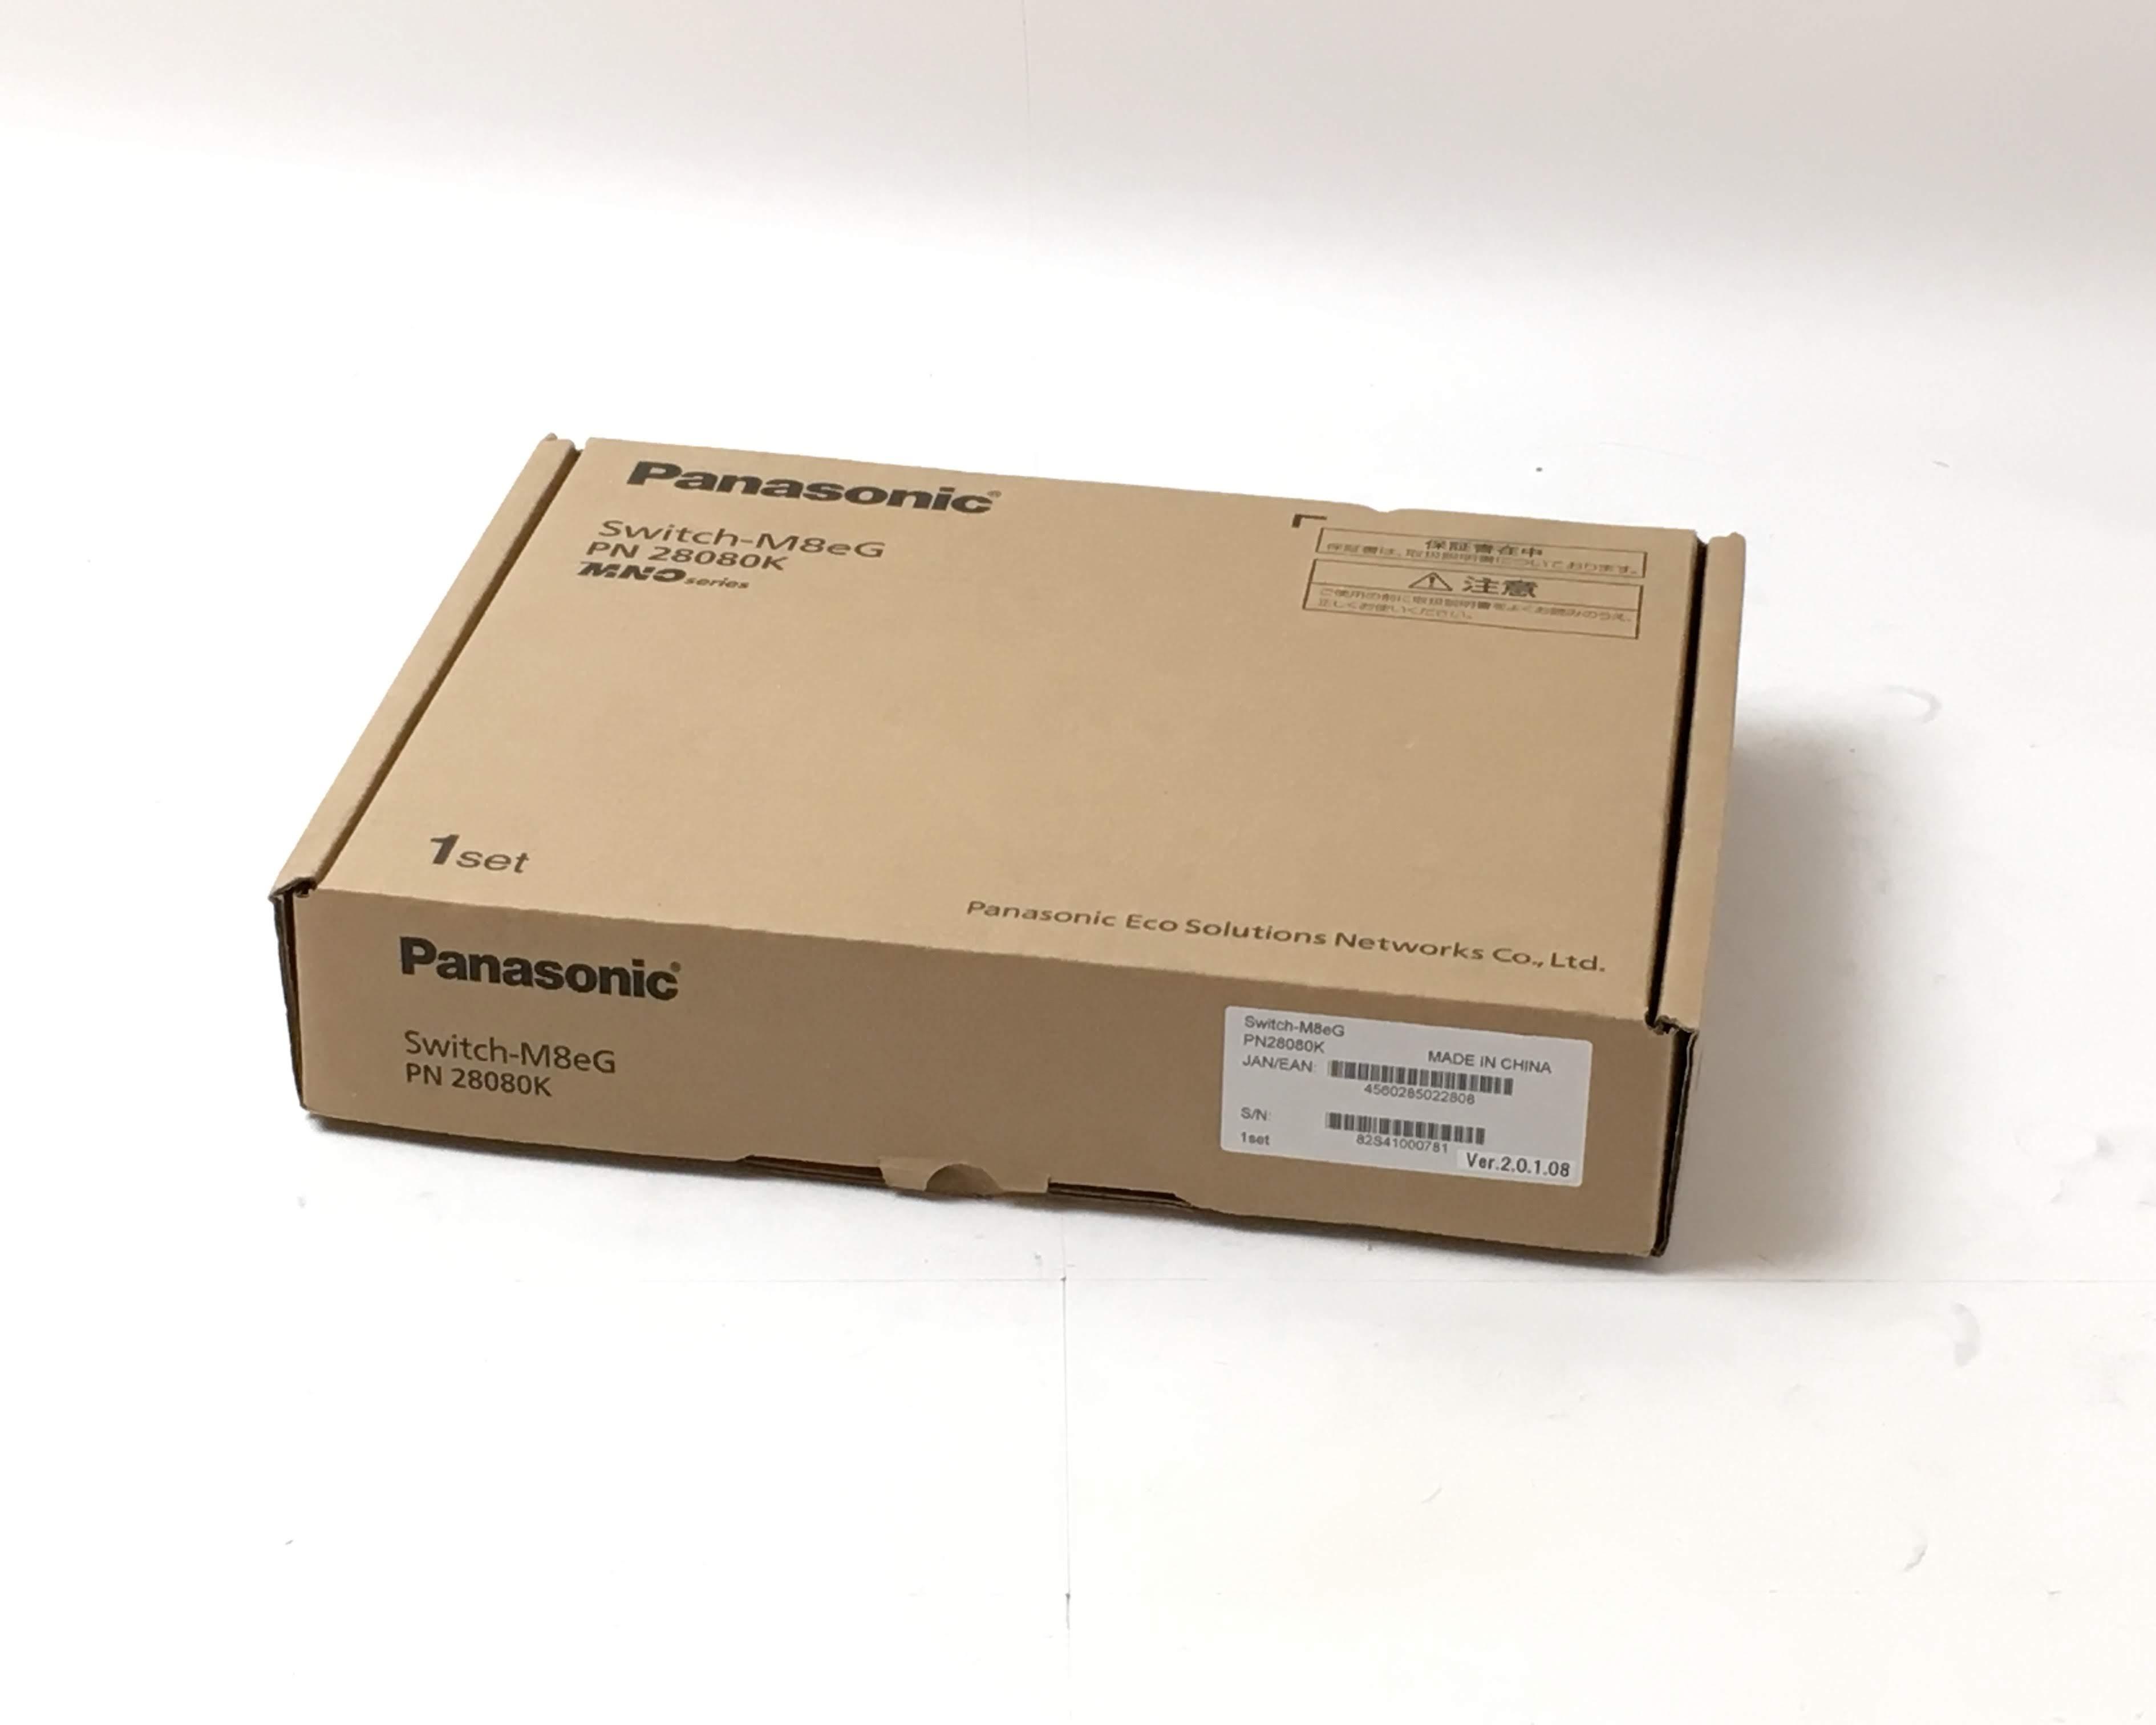 【新品】スイッチ Switch-M8eG PN28080K メイン画像